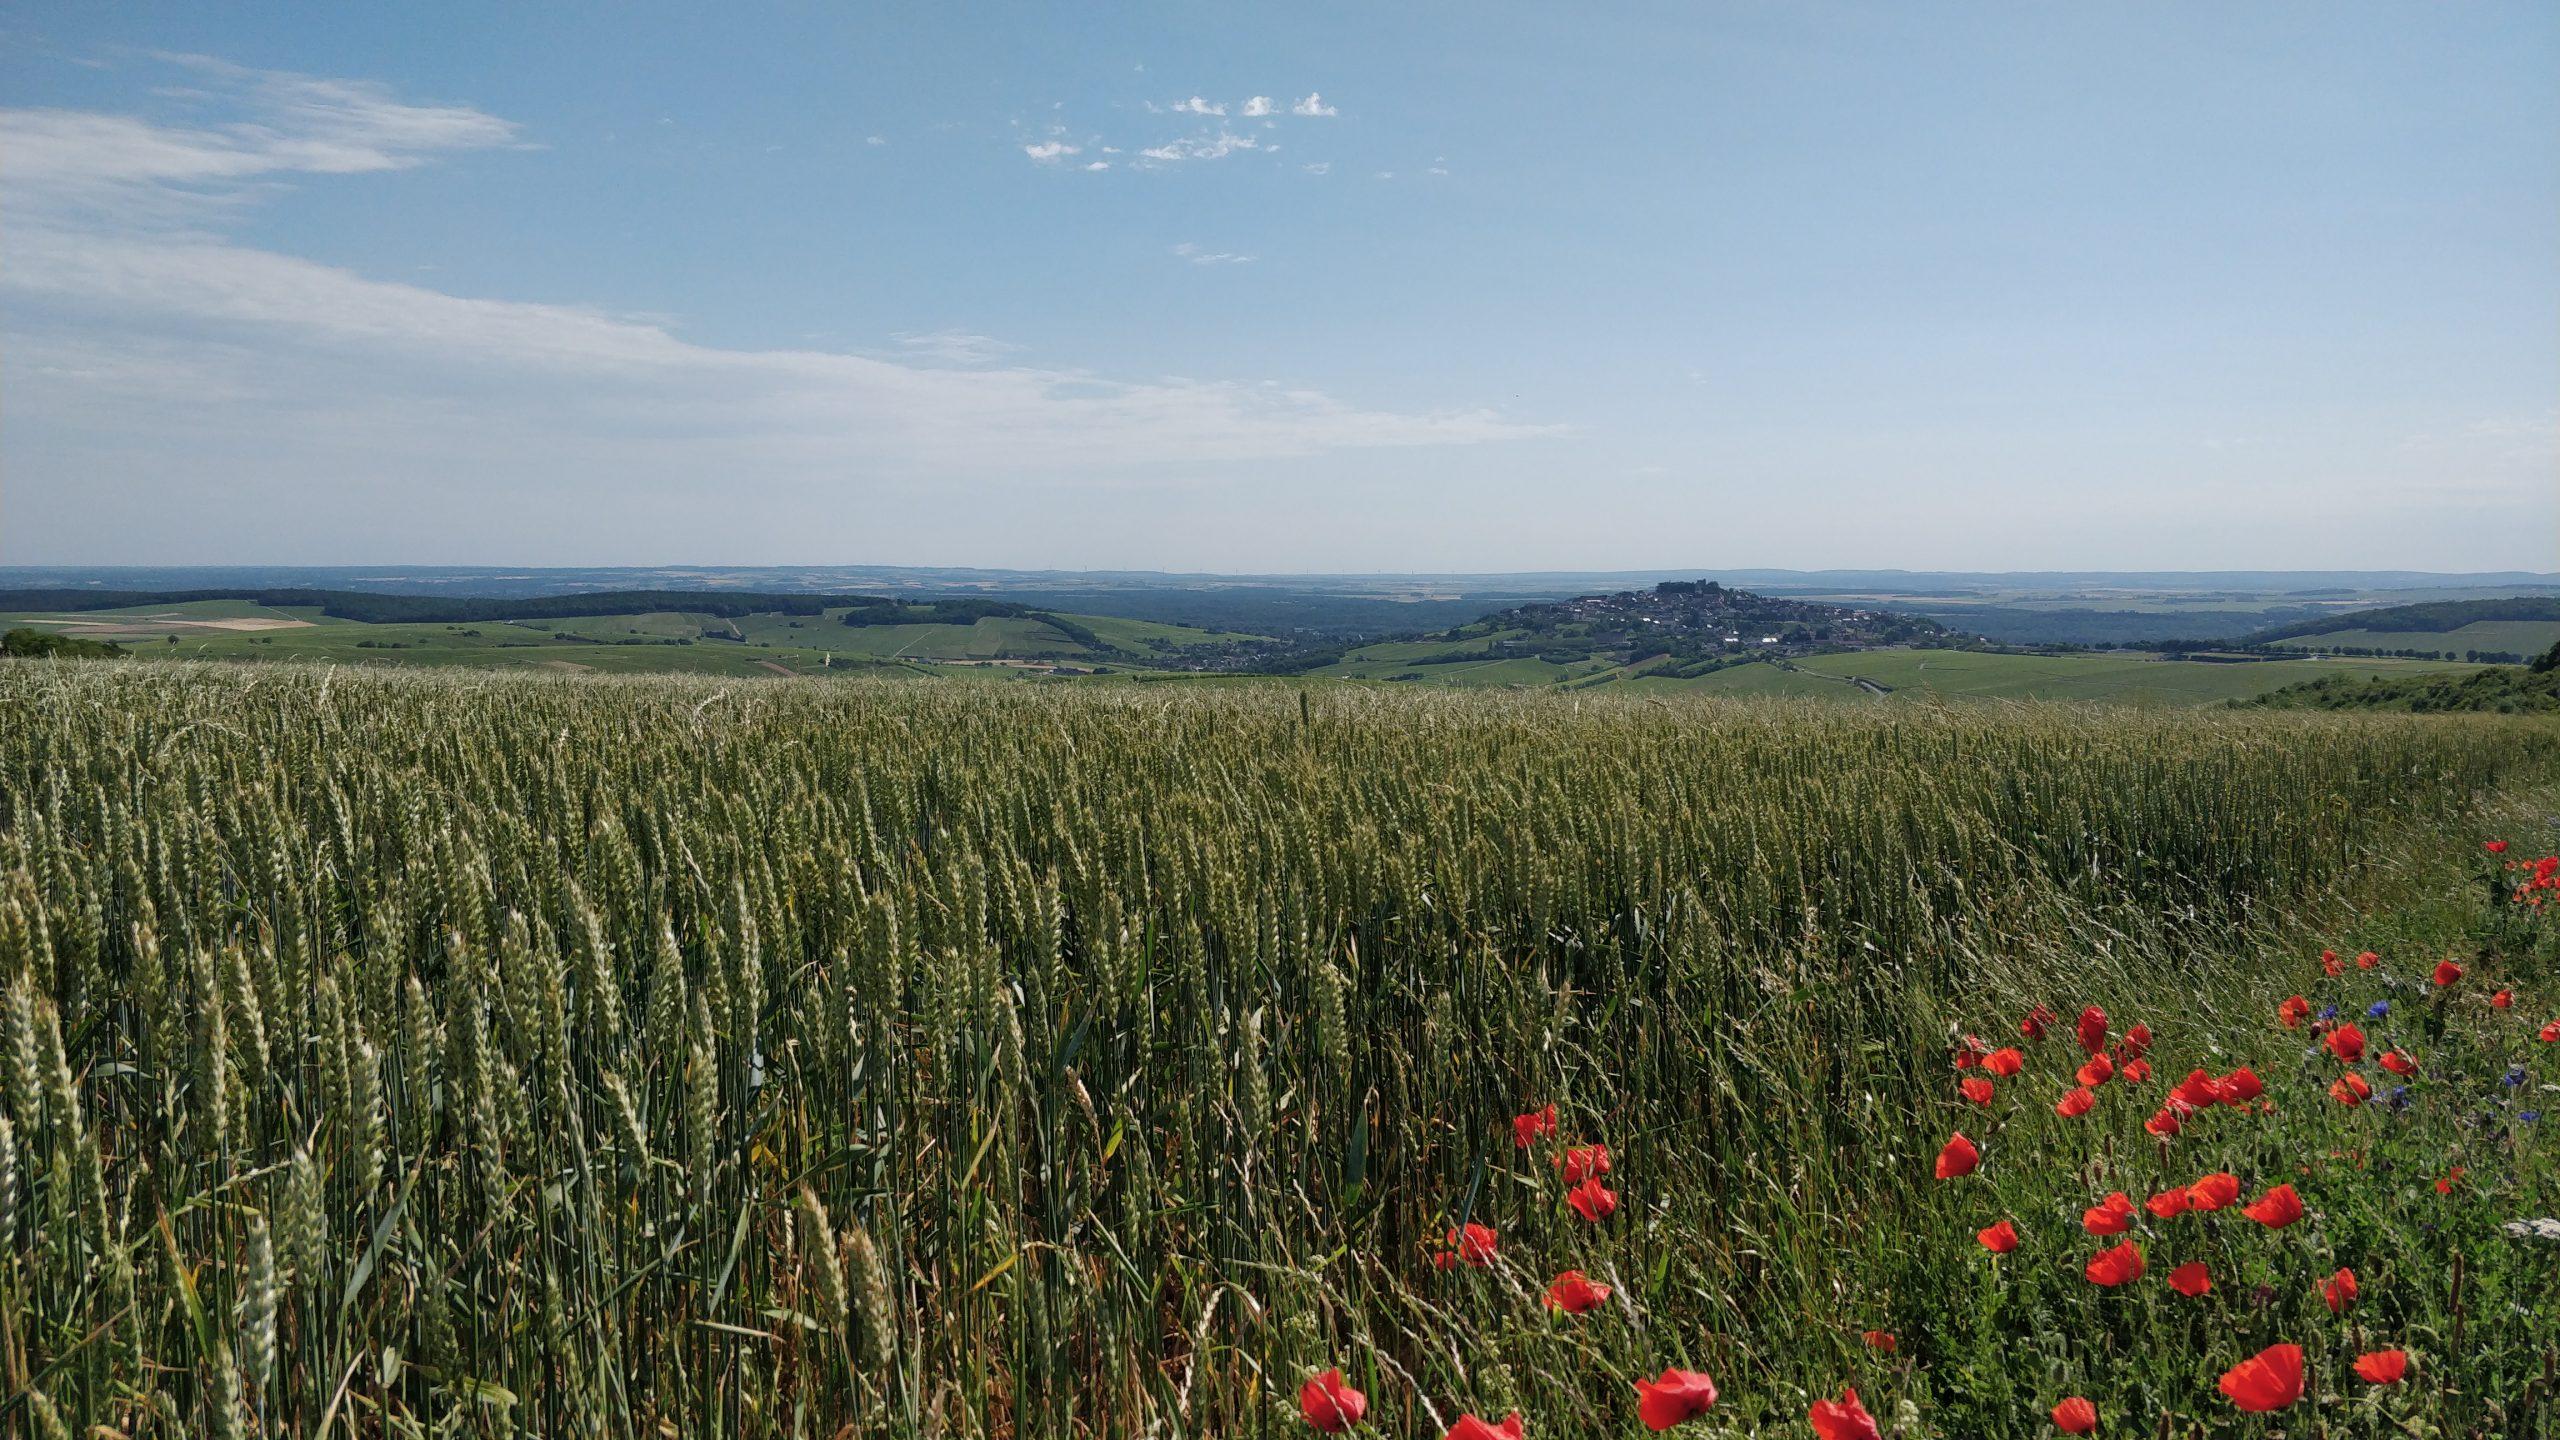 ciel bleu et champs de blé